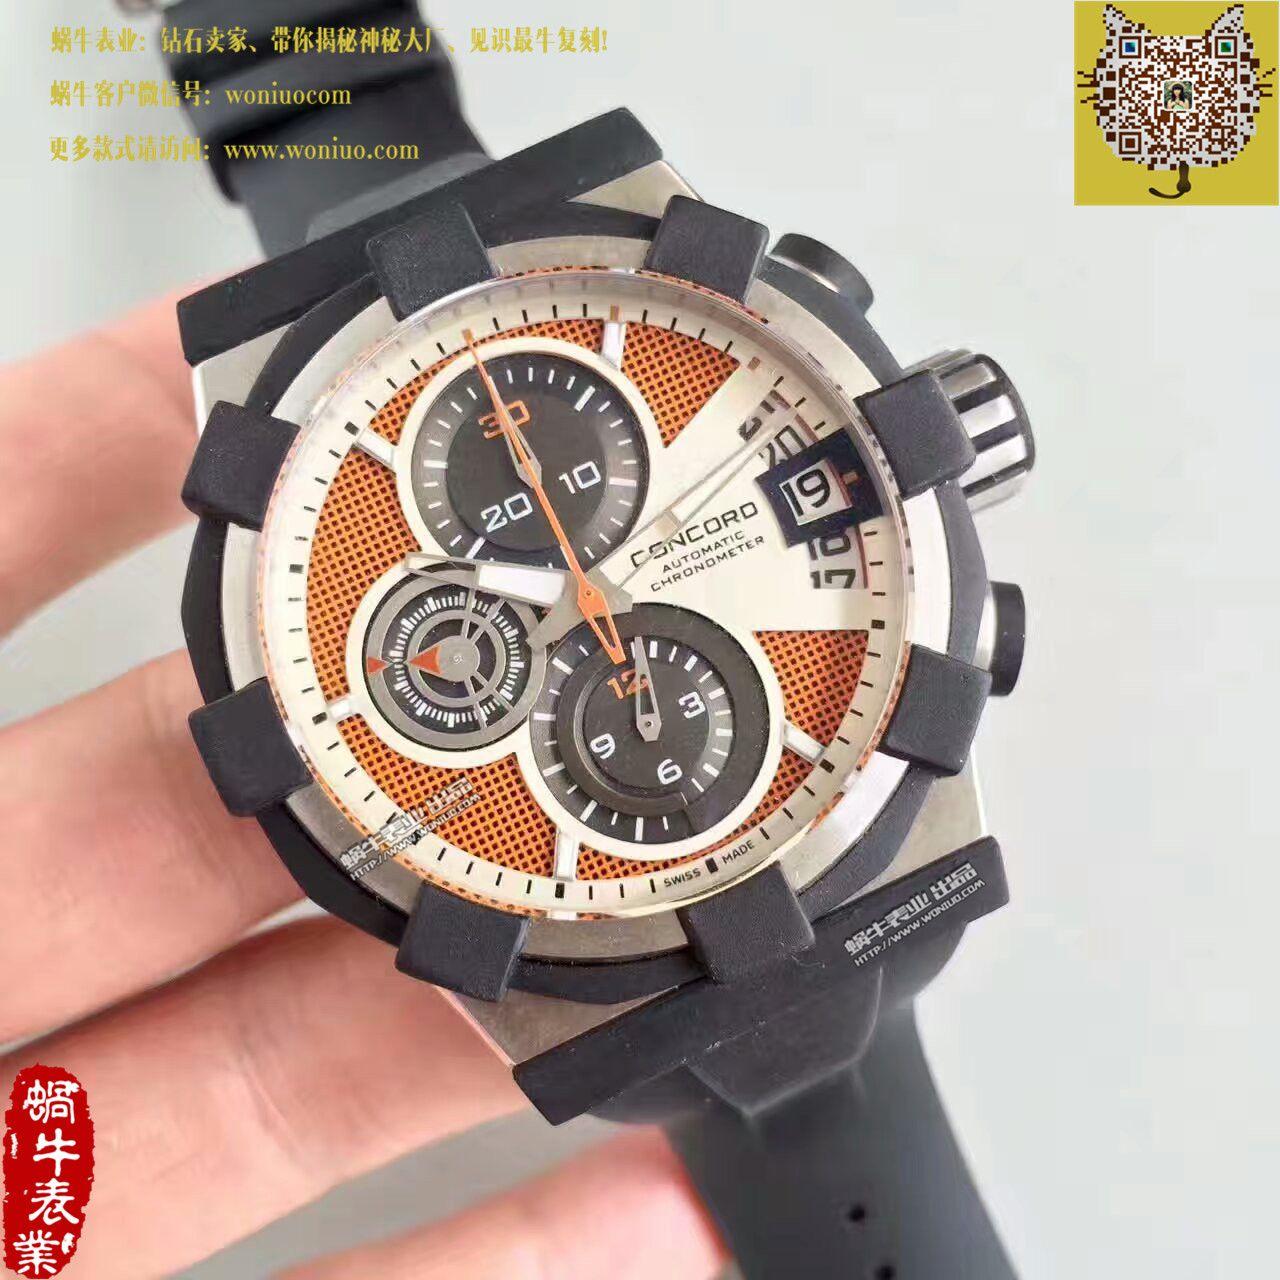 【台湾厂1比1超A精仿手表】君皇 Concord C1Mecatech Chronograph  watch腕表